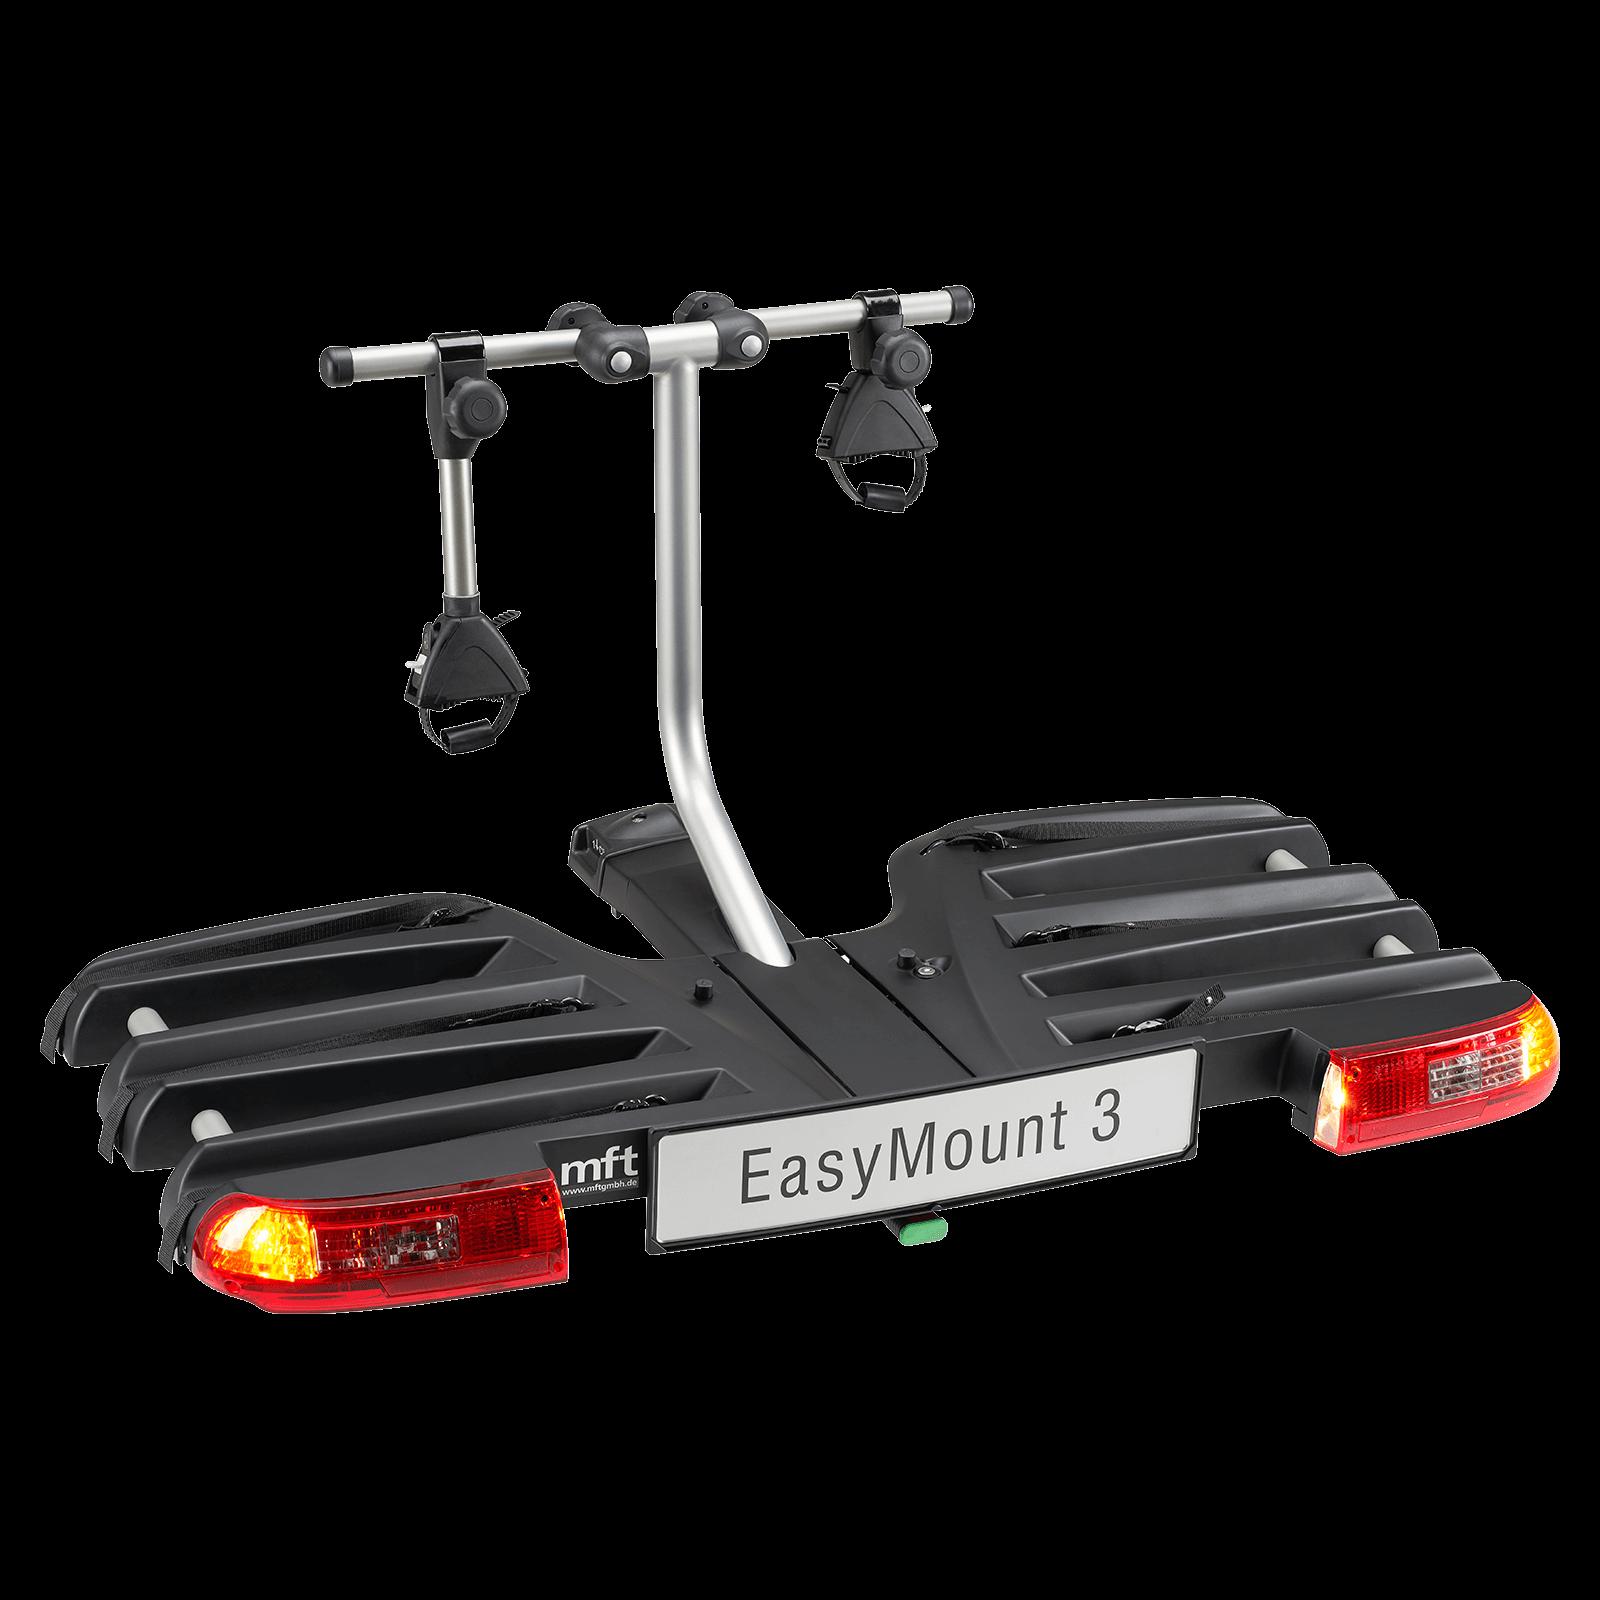 fahrradtr ger mft easy mount 3 f r 3 fahrr der montage. Black Bedroom Furniture Sets. Home Design Ideas